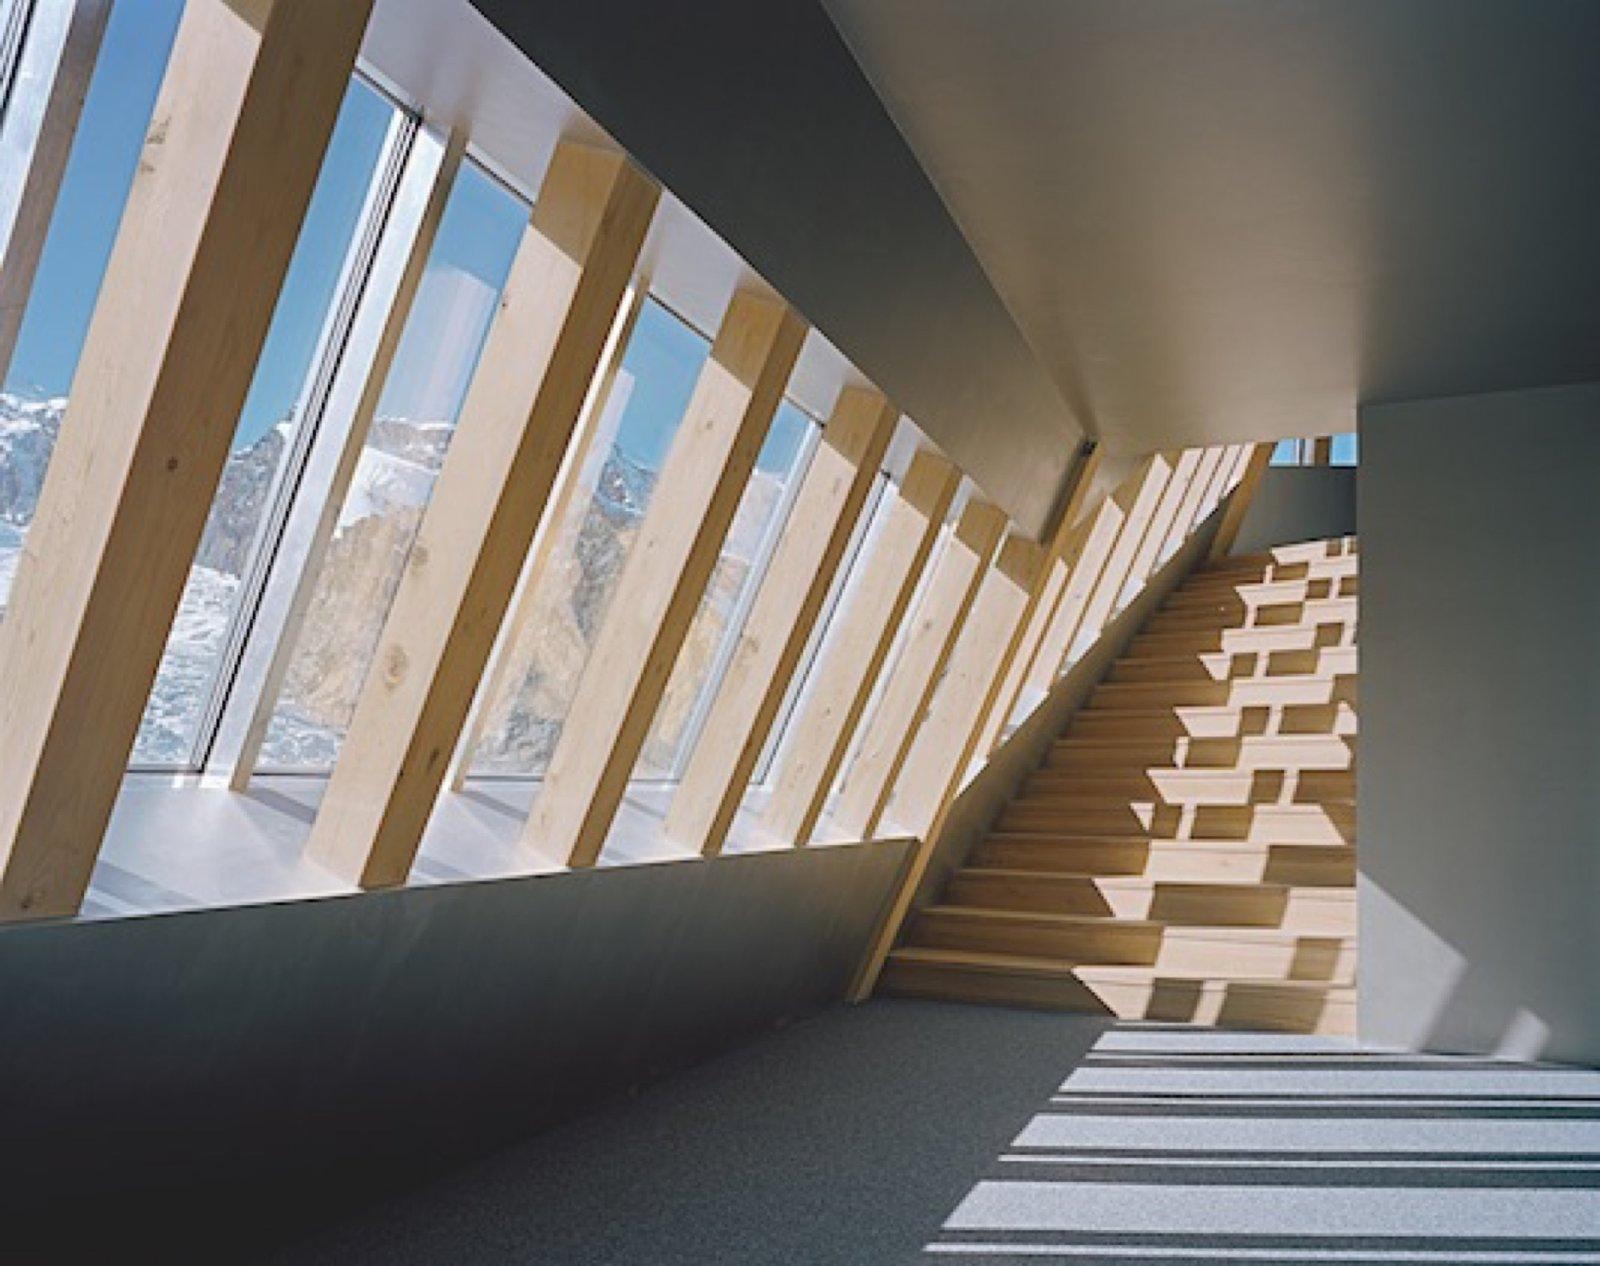 #alpinemodern #design #lifestyle #modern #elevatedliving #quiestdesign #monterosahut #swiss #alps #matterhorn #switzerland #zermatt   Head for Heights: Monte Rosa Hut by Alpine Modern